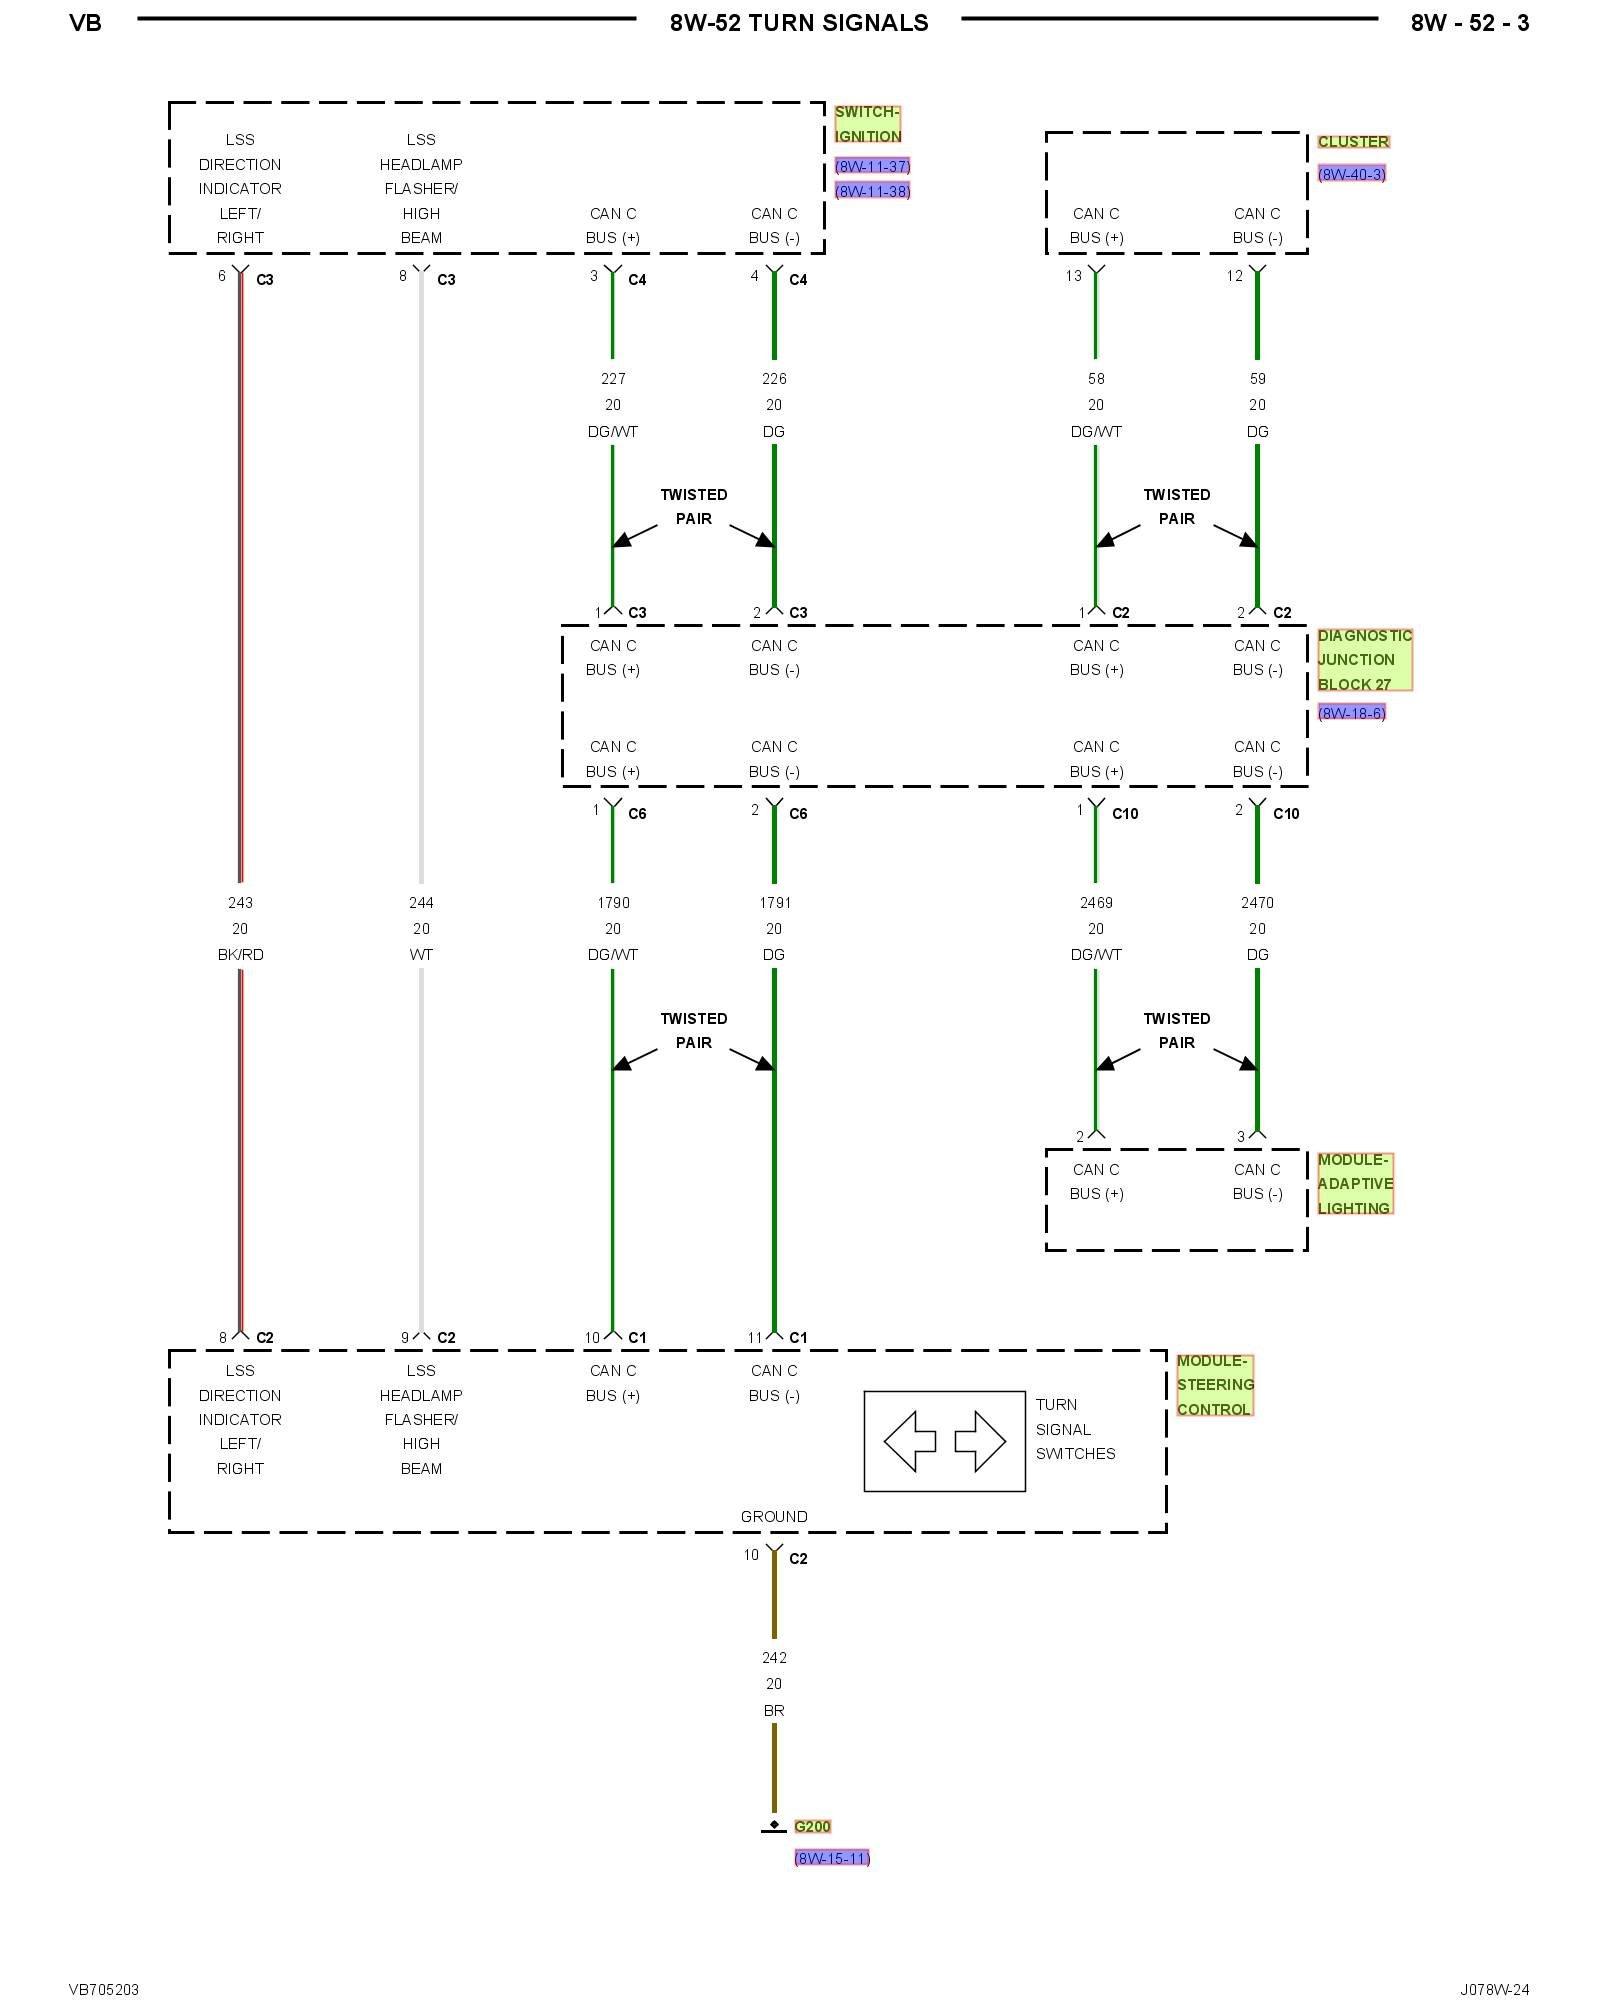 i need wiring diagram for 2008 dodge sprinter 2500 van. Black Bedroom Furniture Sets. Home Design Ideas